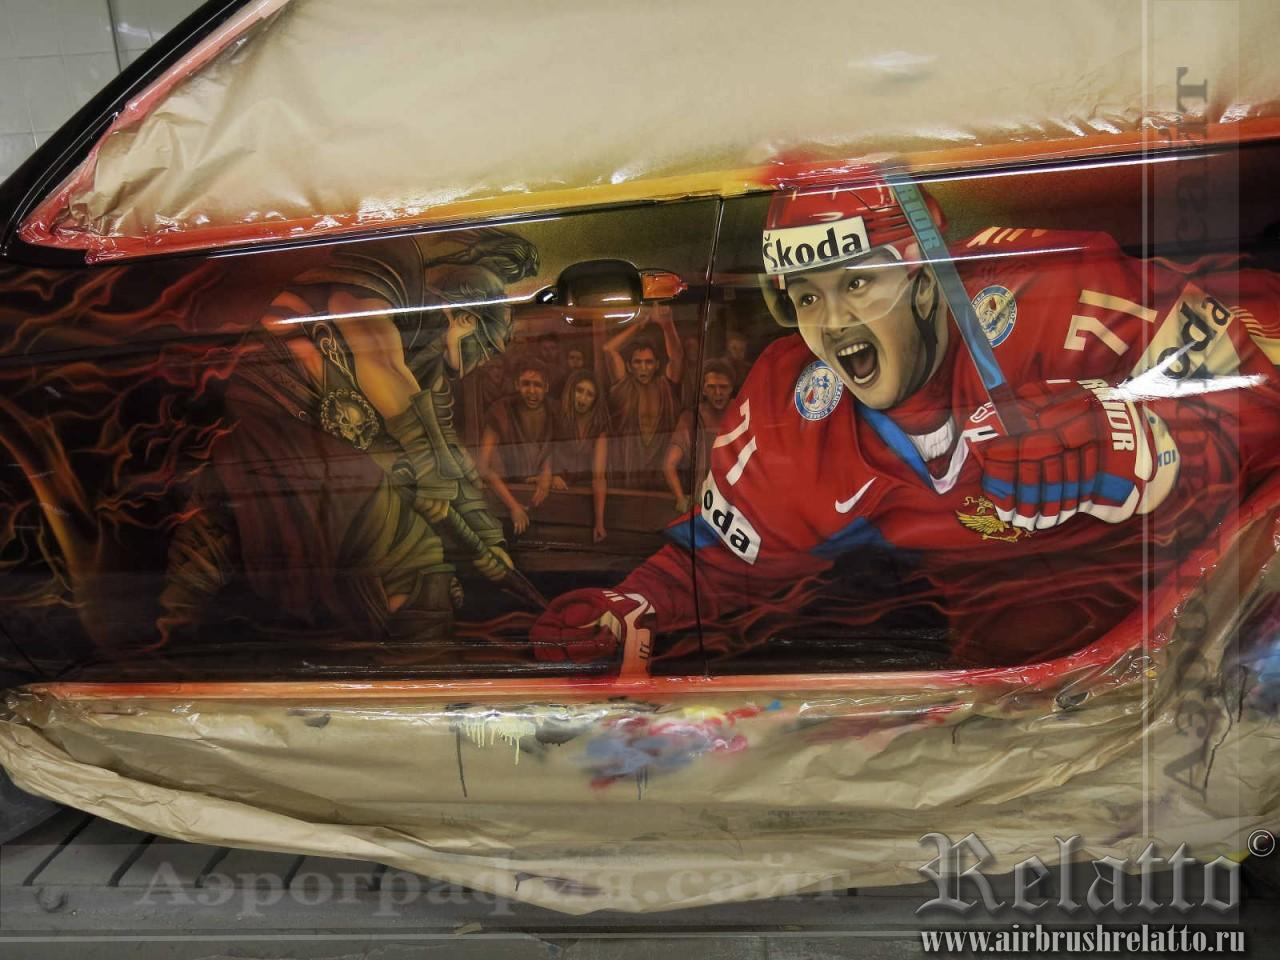 аэрография на автомобиле хоккей Илья Ковальчук